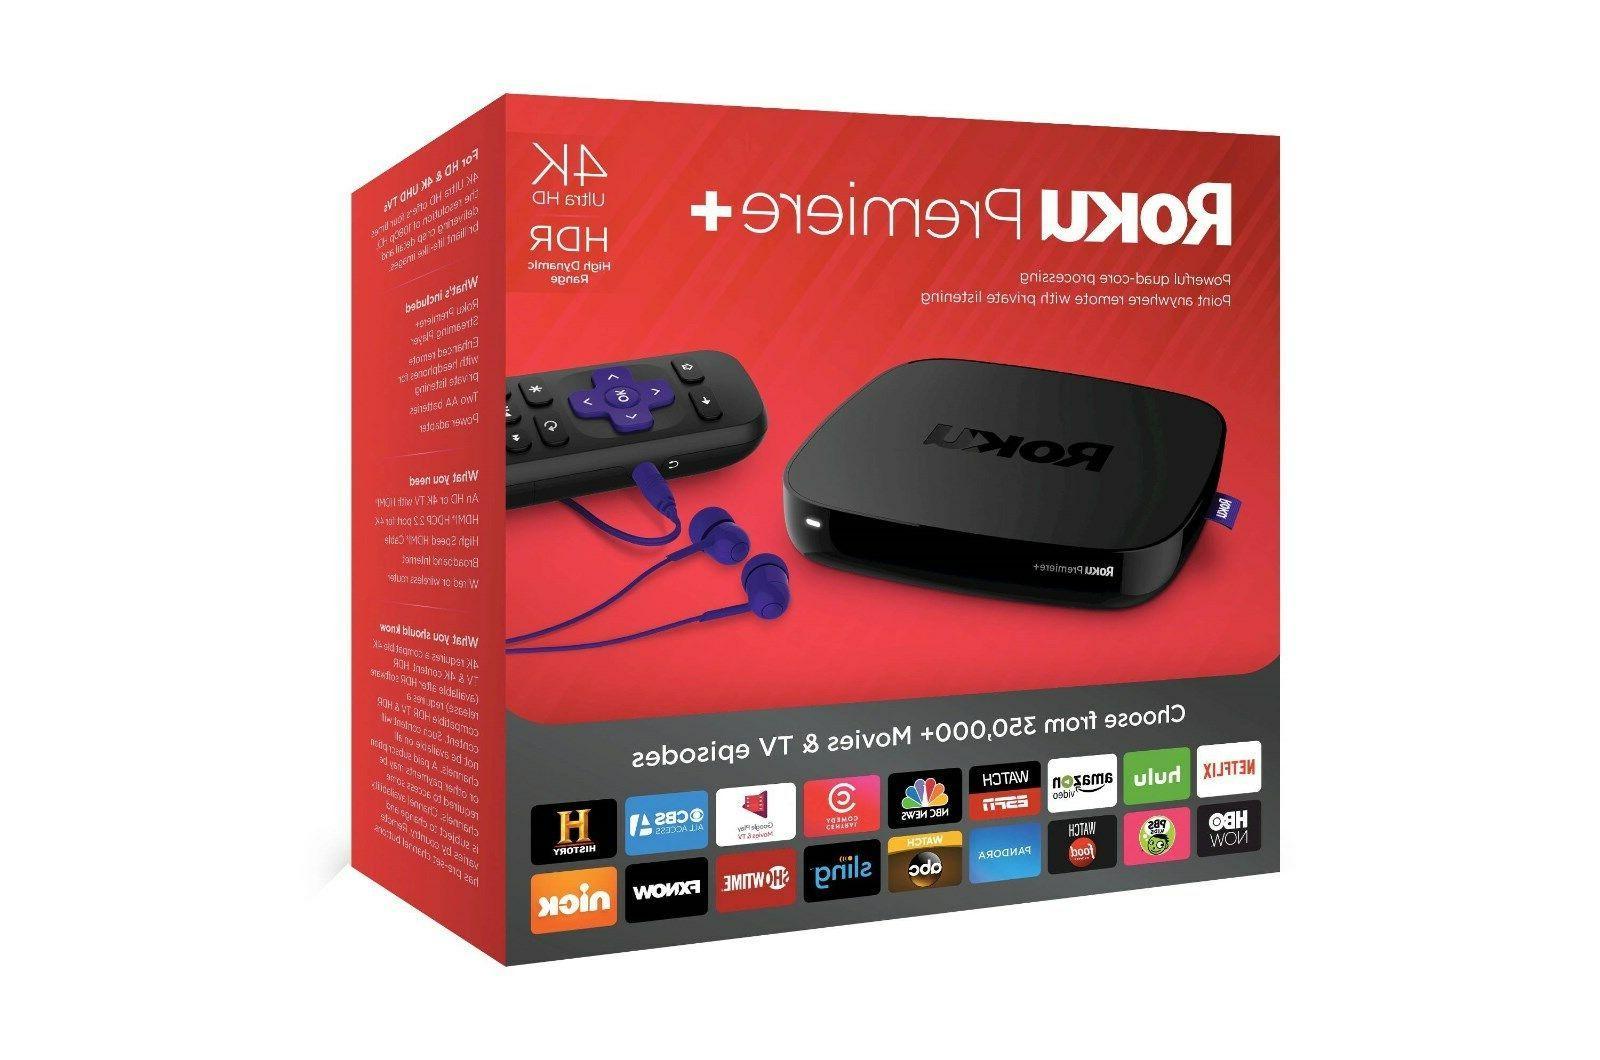 Roku - Premiere+ Streaming Media Player - Black